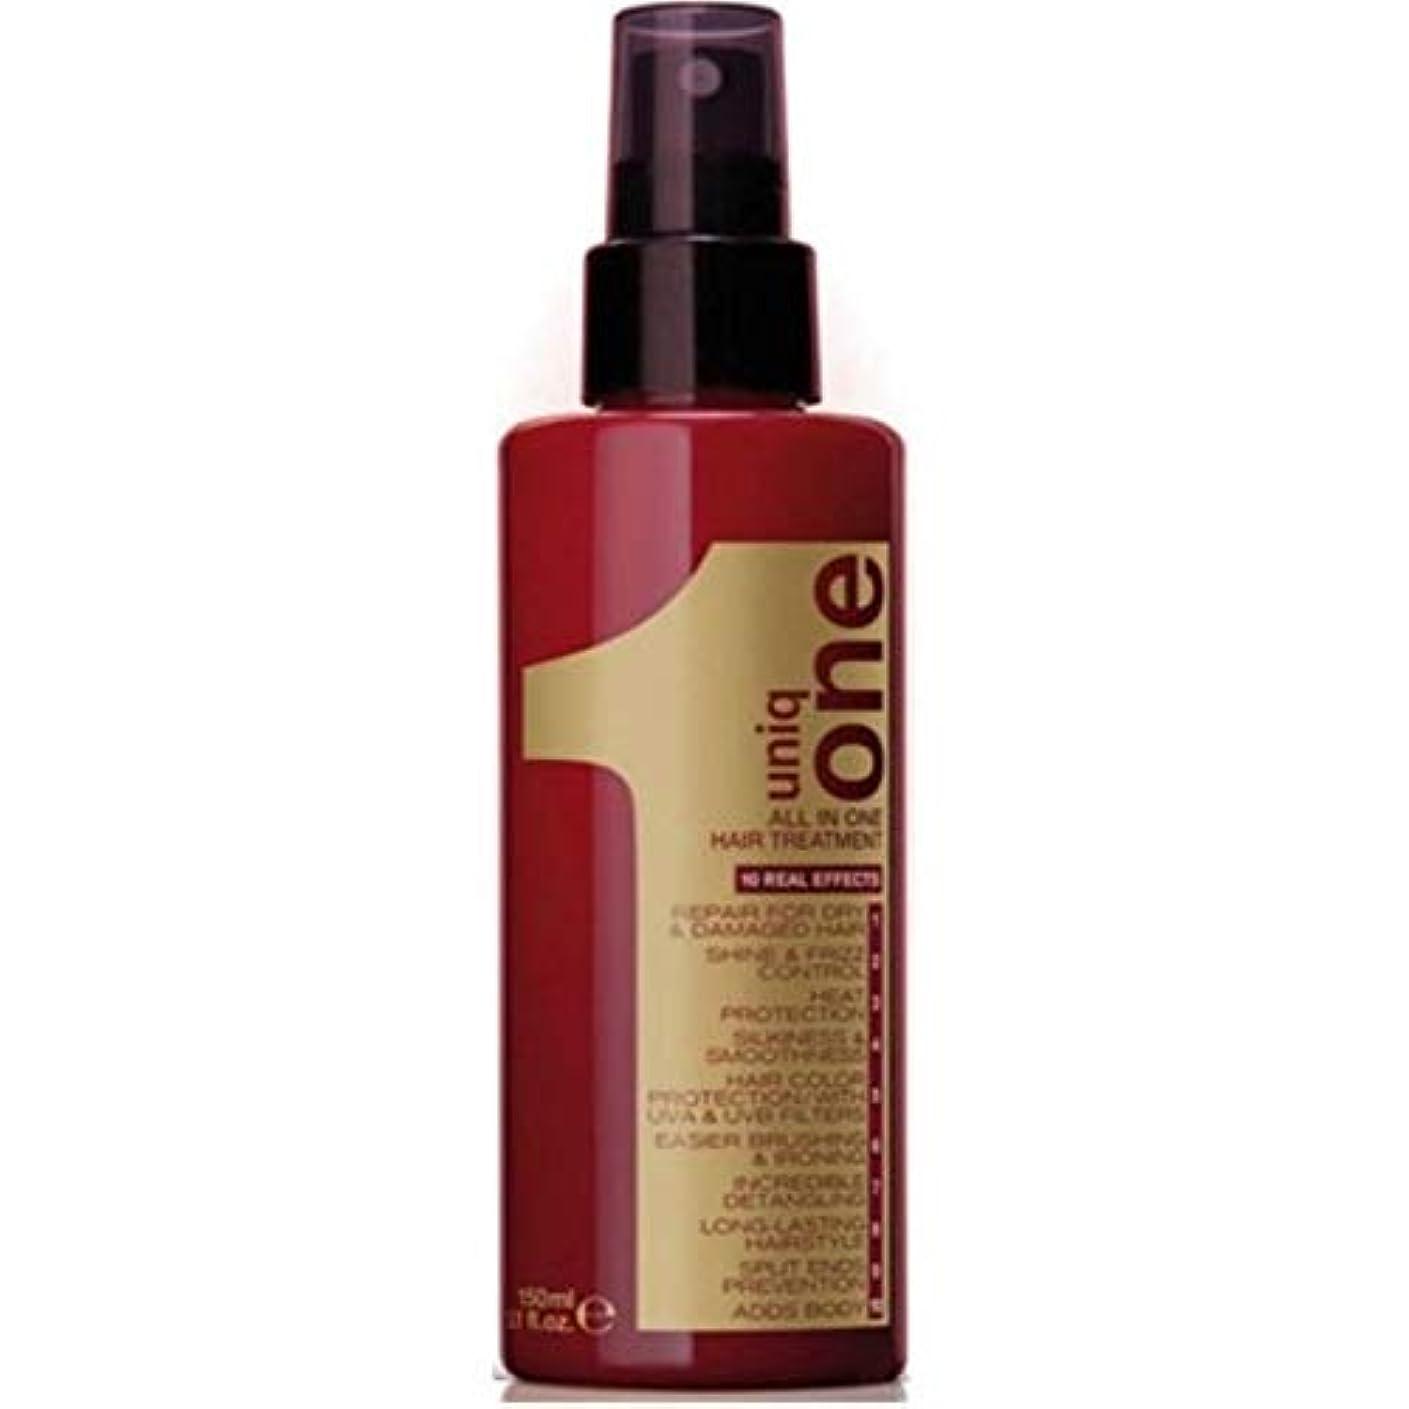 ベーコンお勧め民主主義Uniq One Revlon All In One Hair Treatment 5.1Oz. - New Original by Uniq One by Uniq One